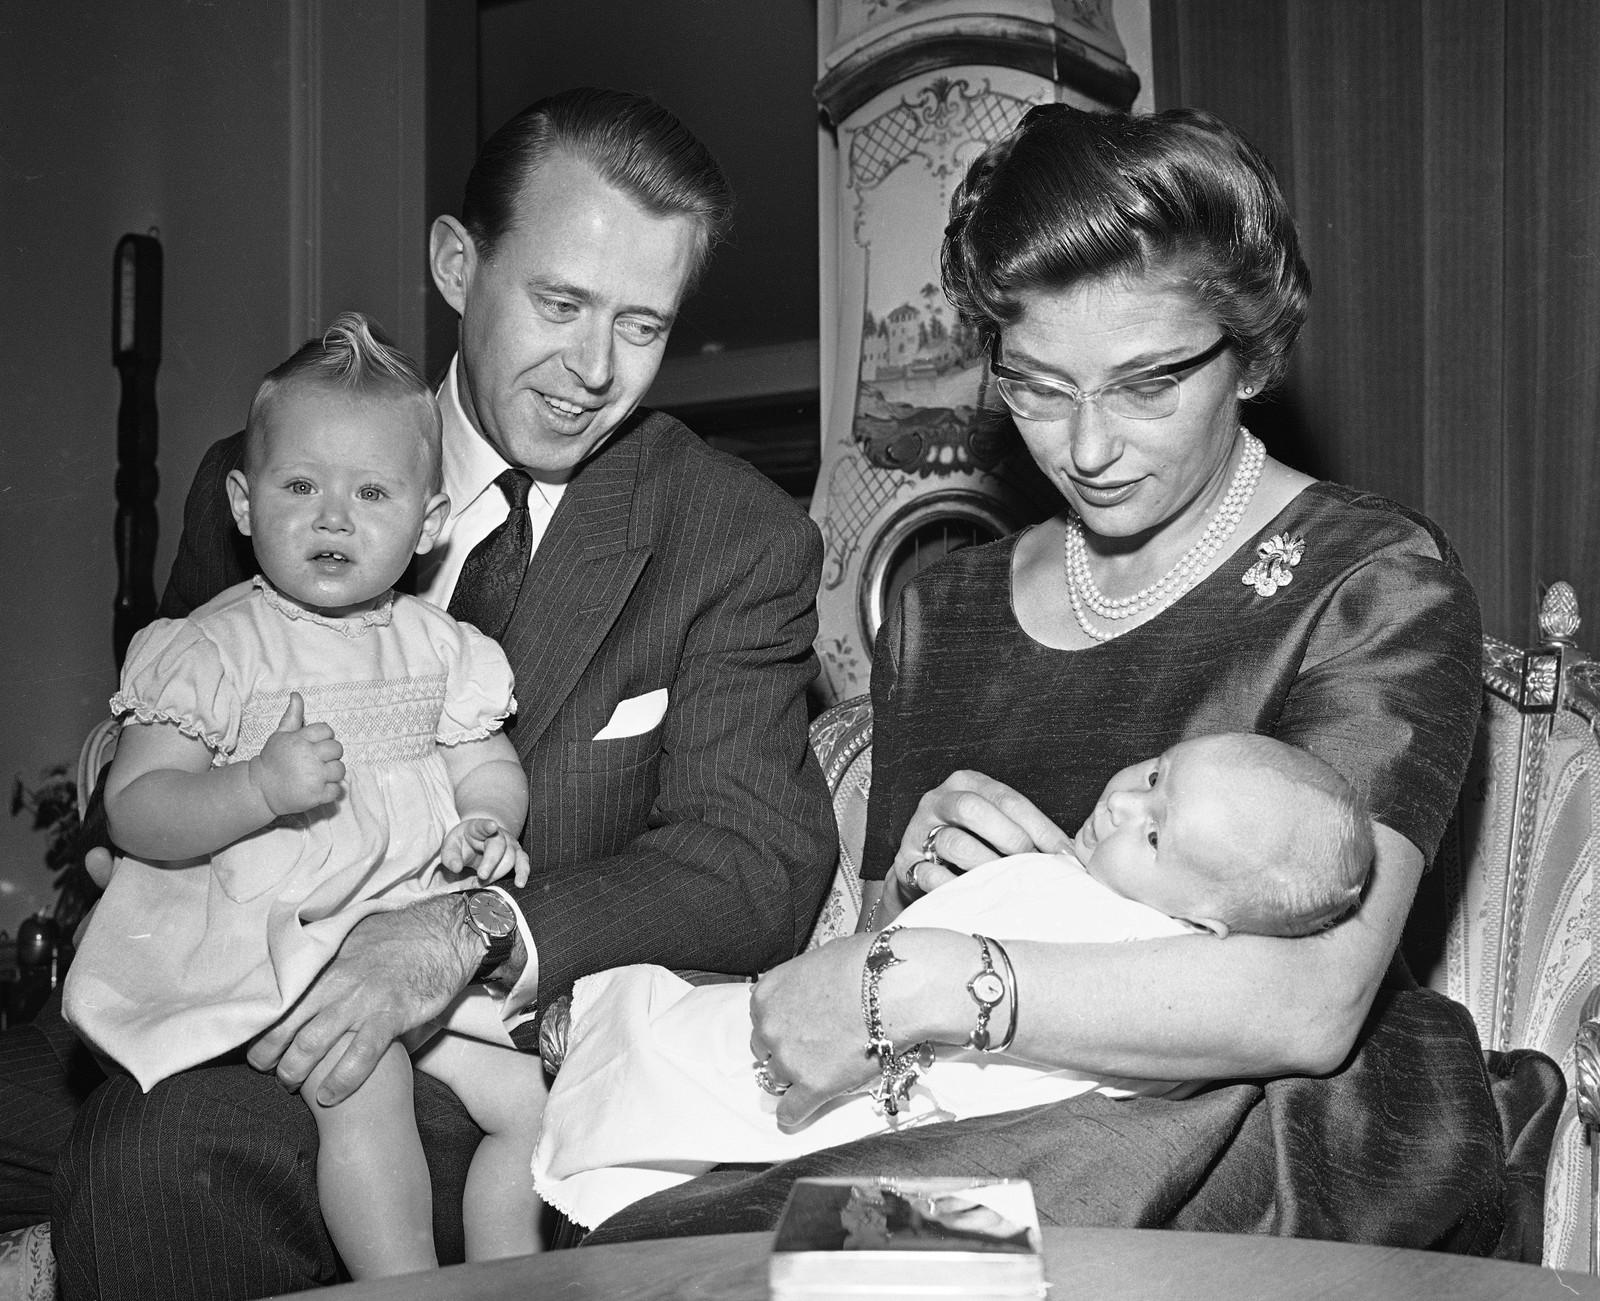 EIGEN FAMILIE: Ekteparet Ferner får fem barn. Prinsesse Astrid kombinerer førstedamejobb og familieliv fram til 1968. Då tek kronprinsesse Sonja tek over mange av oppgåvene hennar for kongehuset.